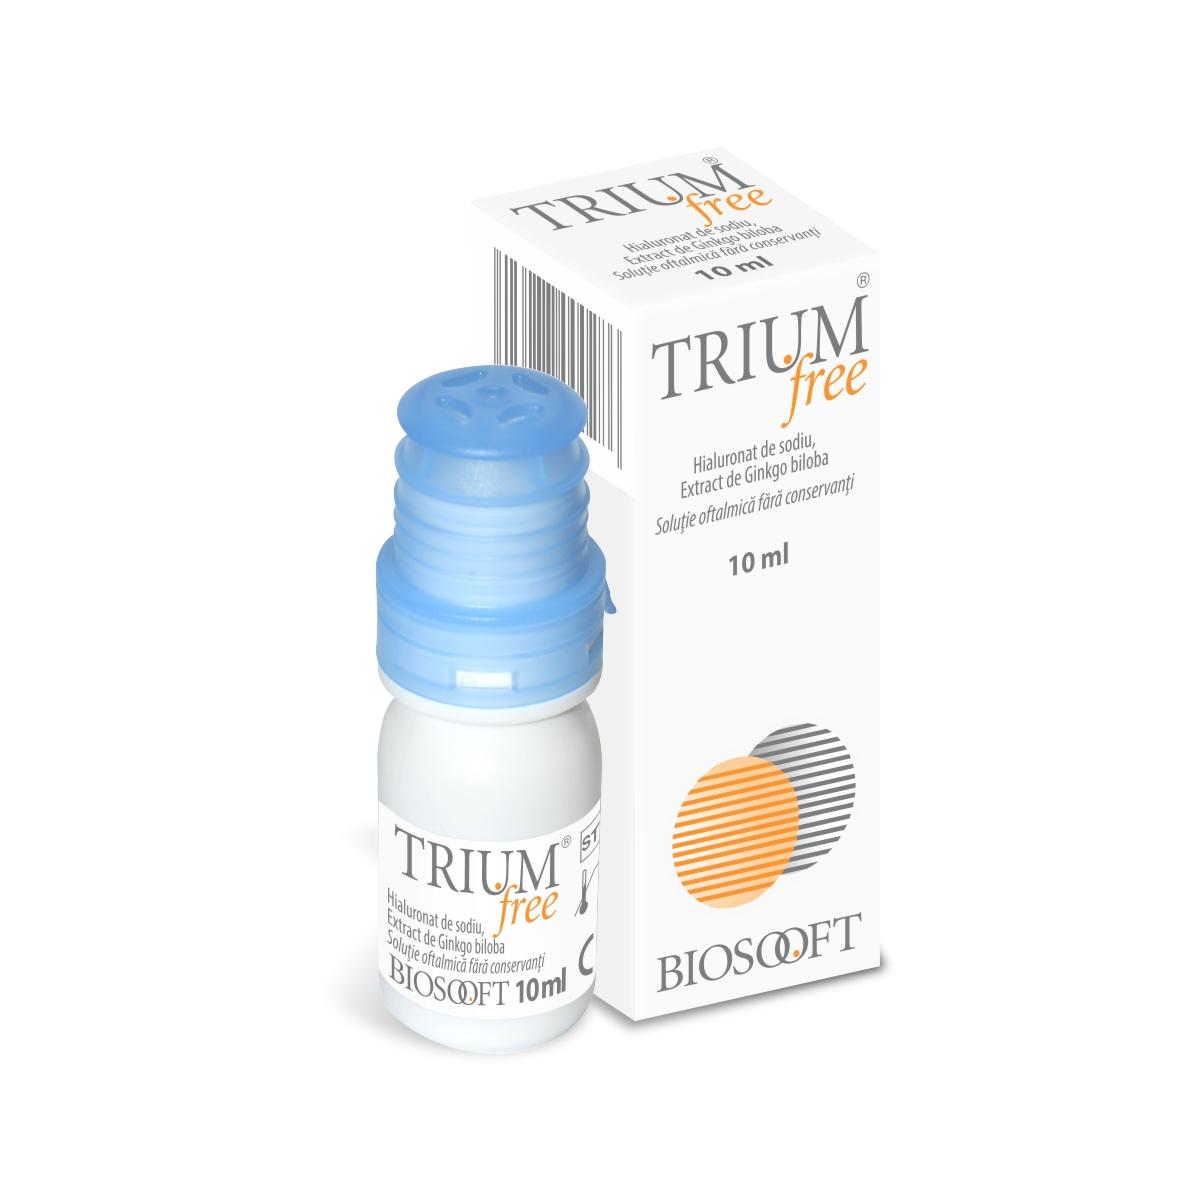 Trium free picaturi oftalmice, 10 ml, BioSooft drmax poza